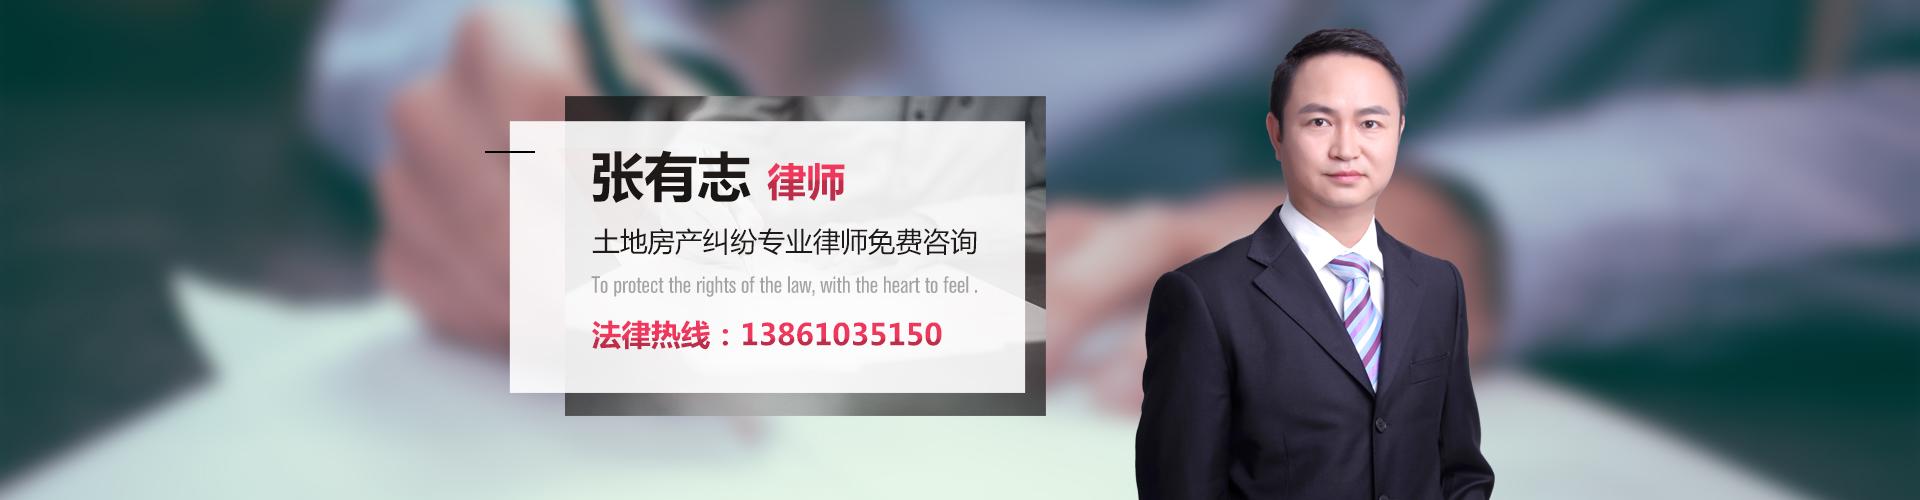 江苏张有志律师